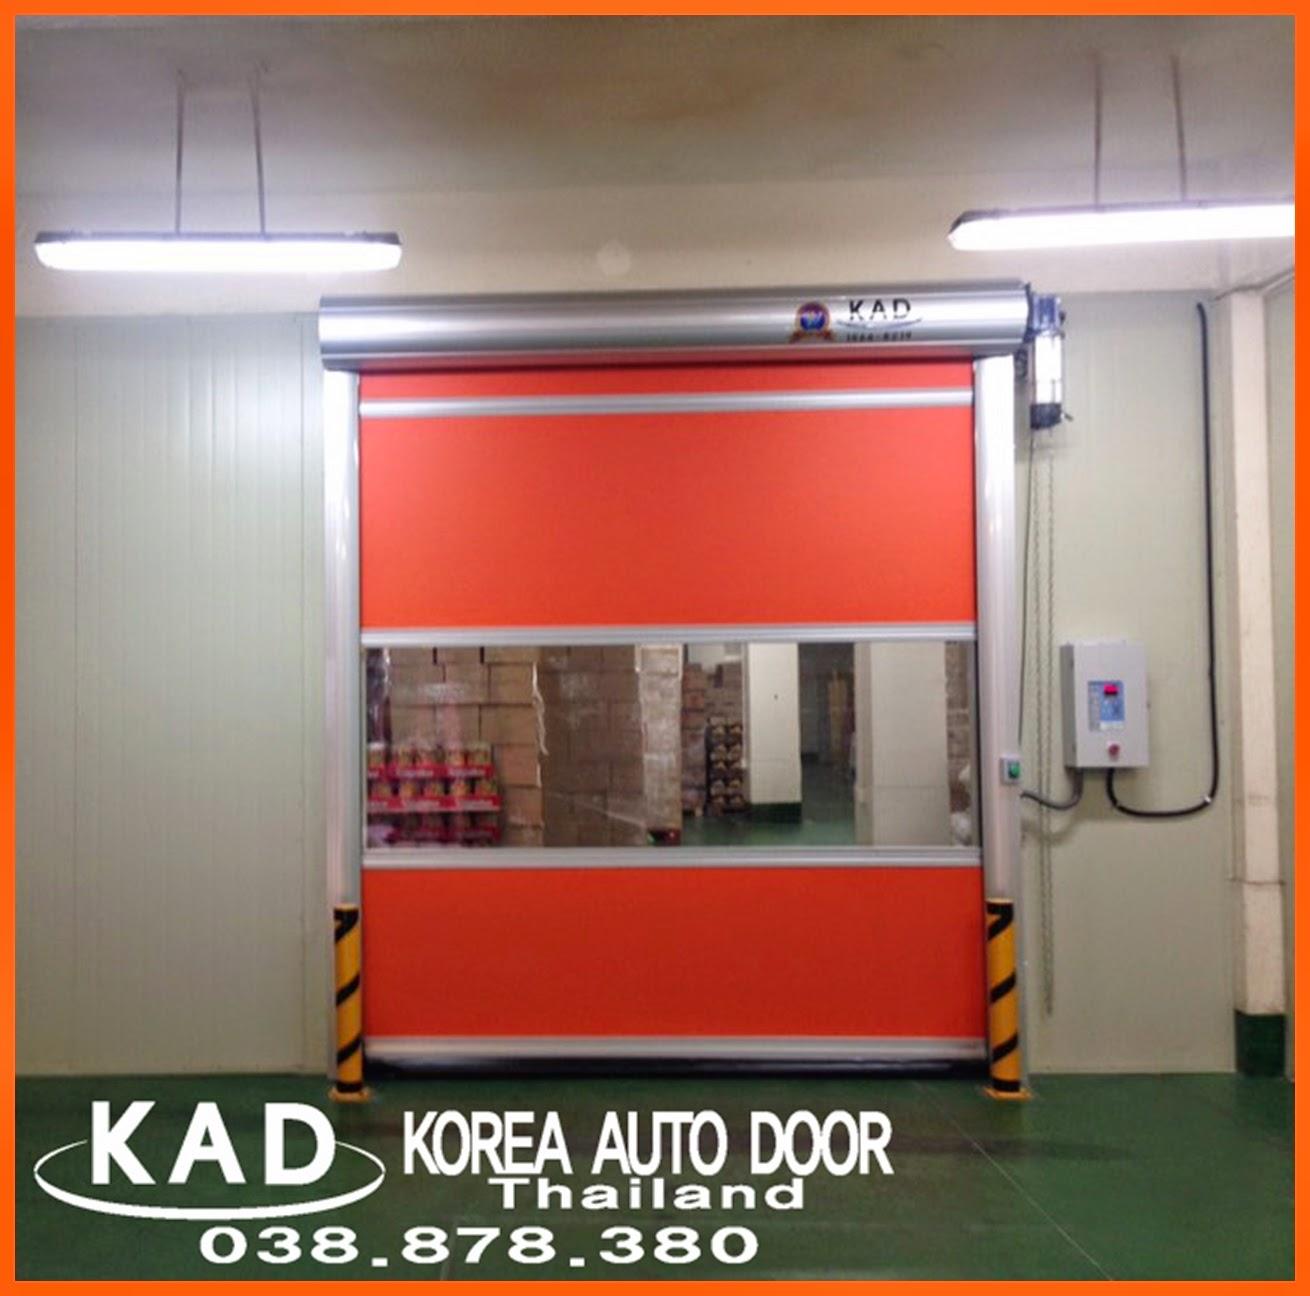 KAD high speed door install the high speed door inside